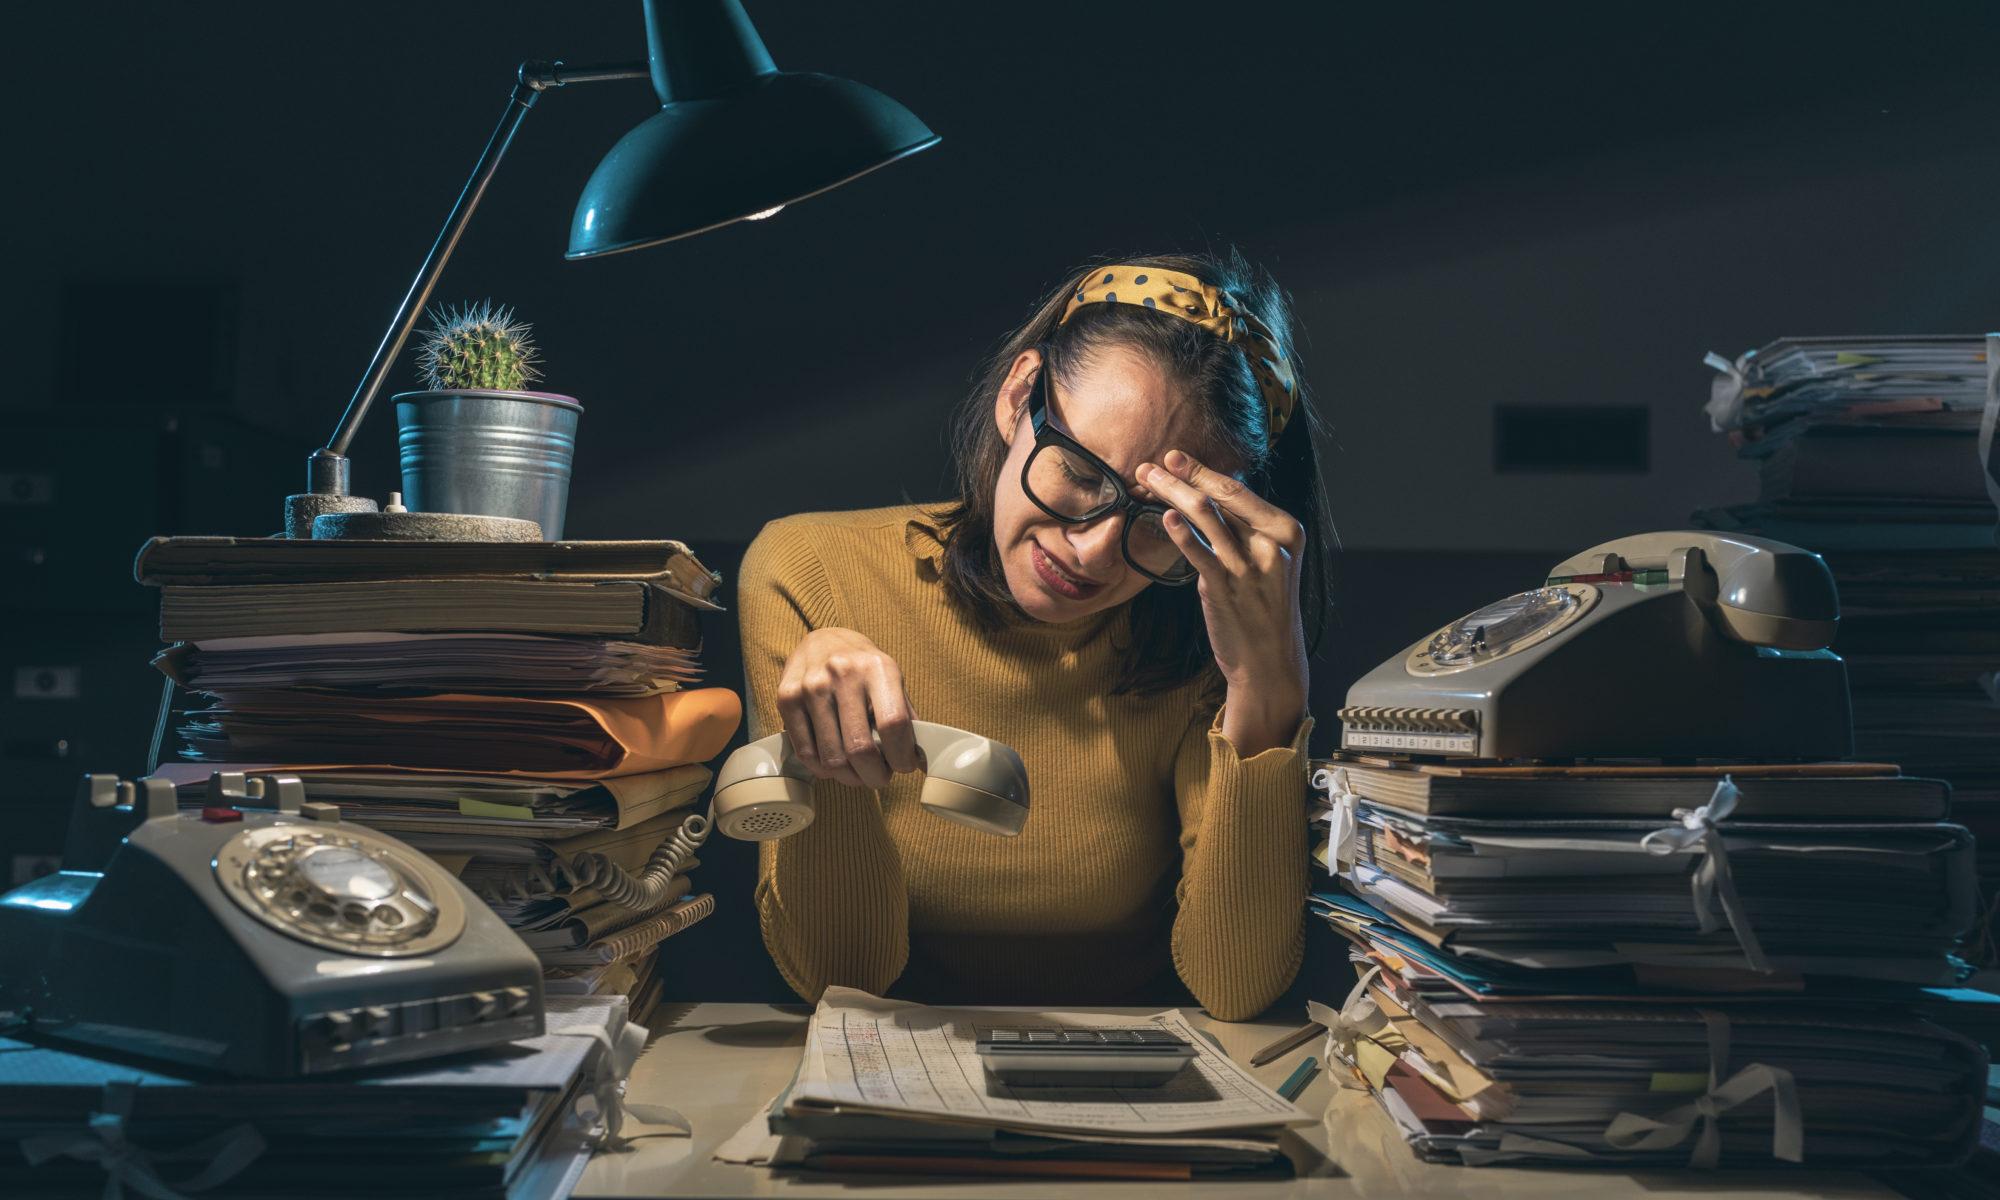 AdobeStock 302309555 2000x1200 - Hartz IV: Sanktionen wegen verpasstem Jobcenter-Telefontermin?